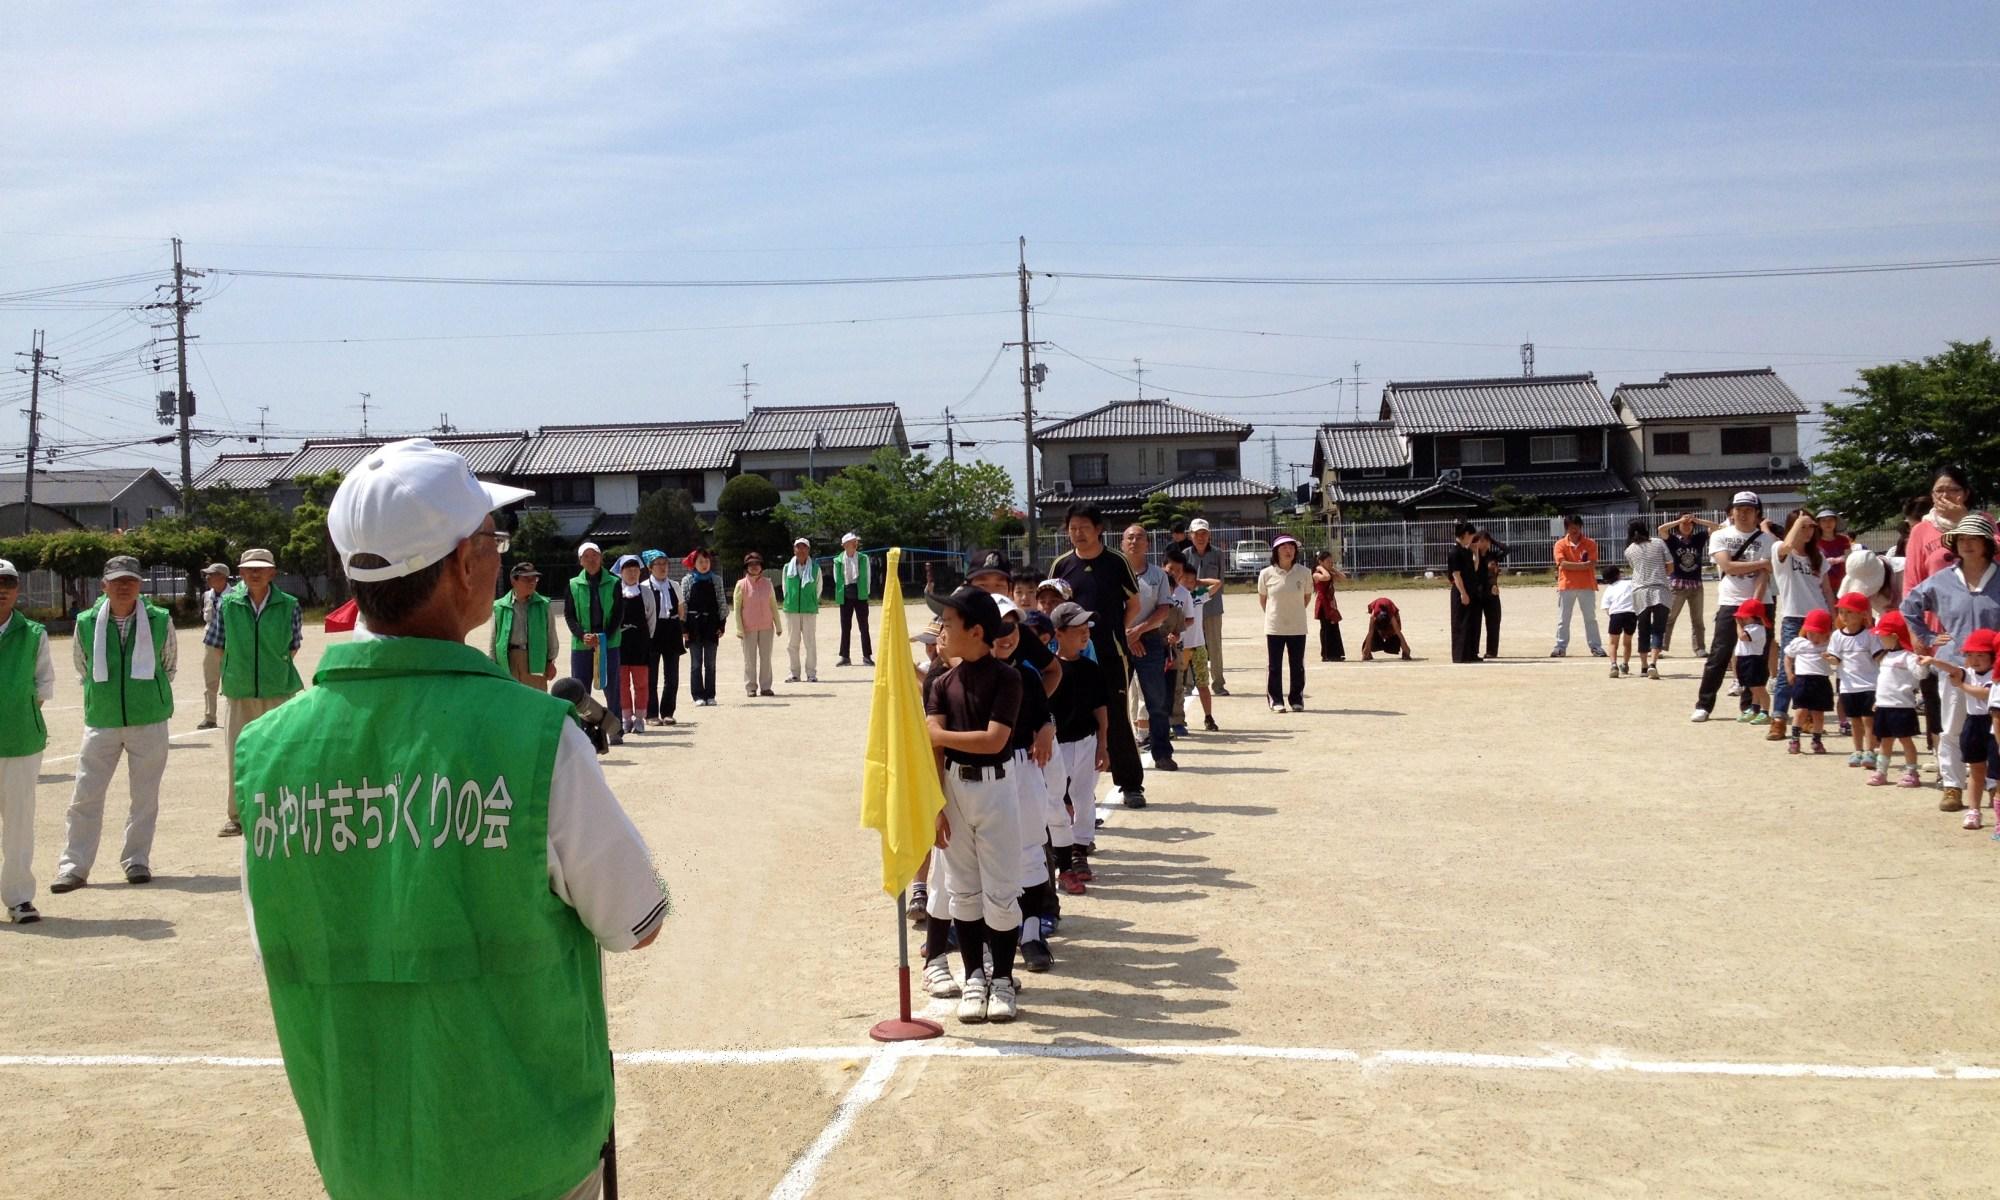 みやけまちづくりの会主催 スポーツフェスタの様子(三宅町)